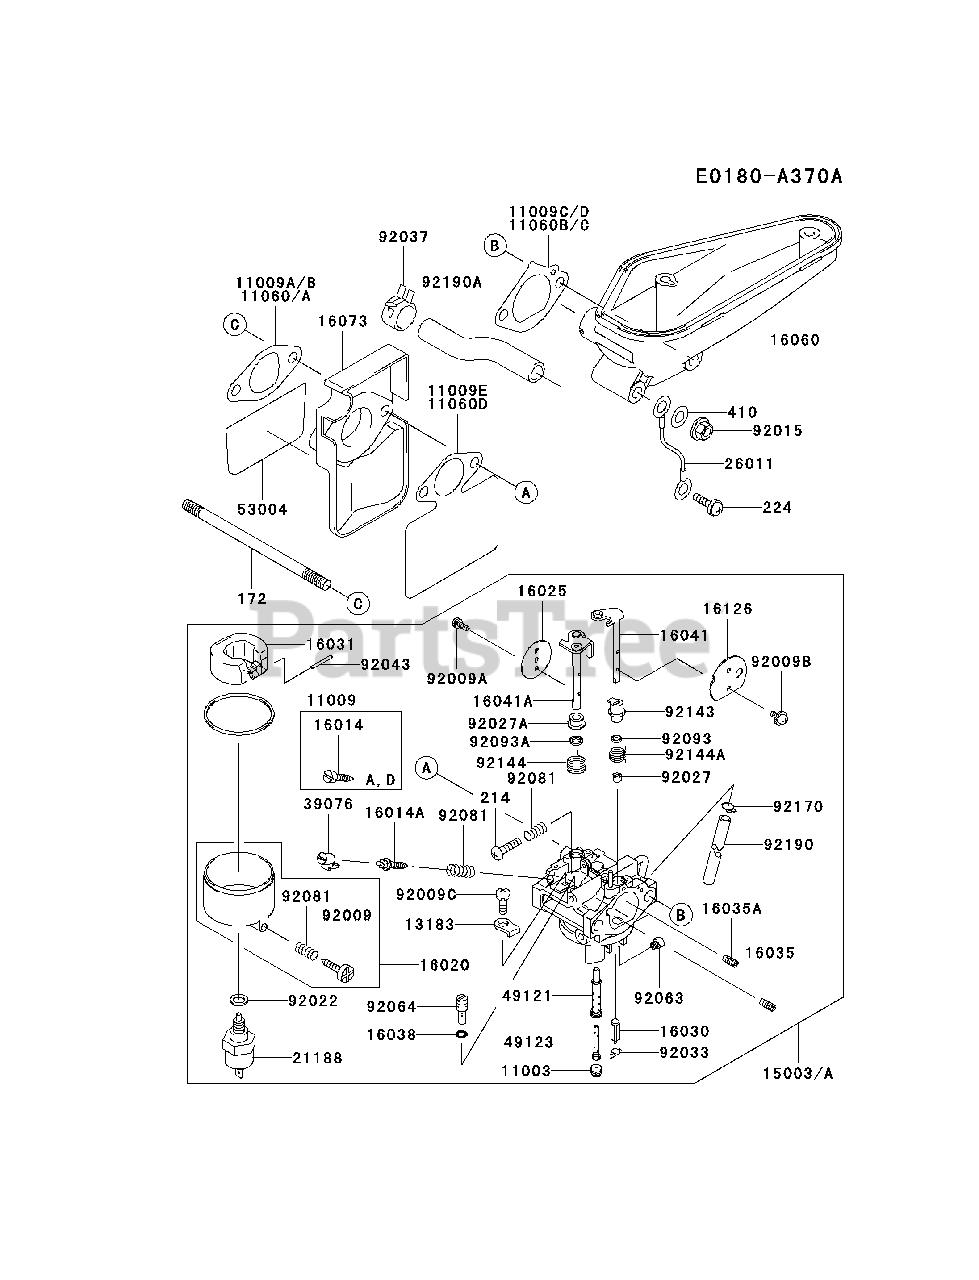 Kawasaki FC420V-FS16 - Kawasaki Engine CARBURETOR Parts Lookup with Diagrams  | PartsTreePartsTree